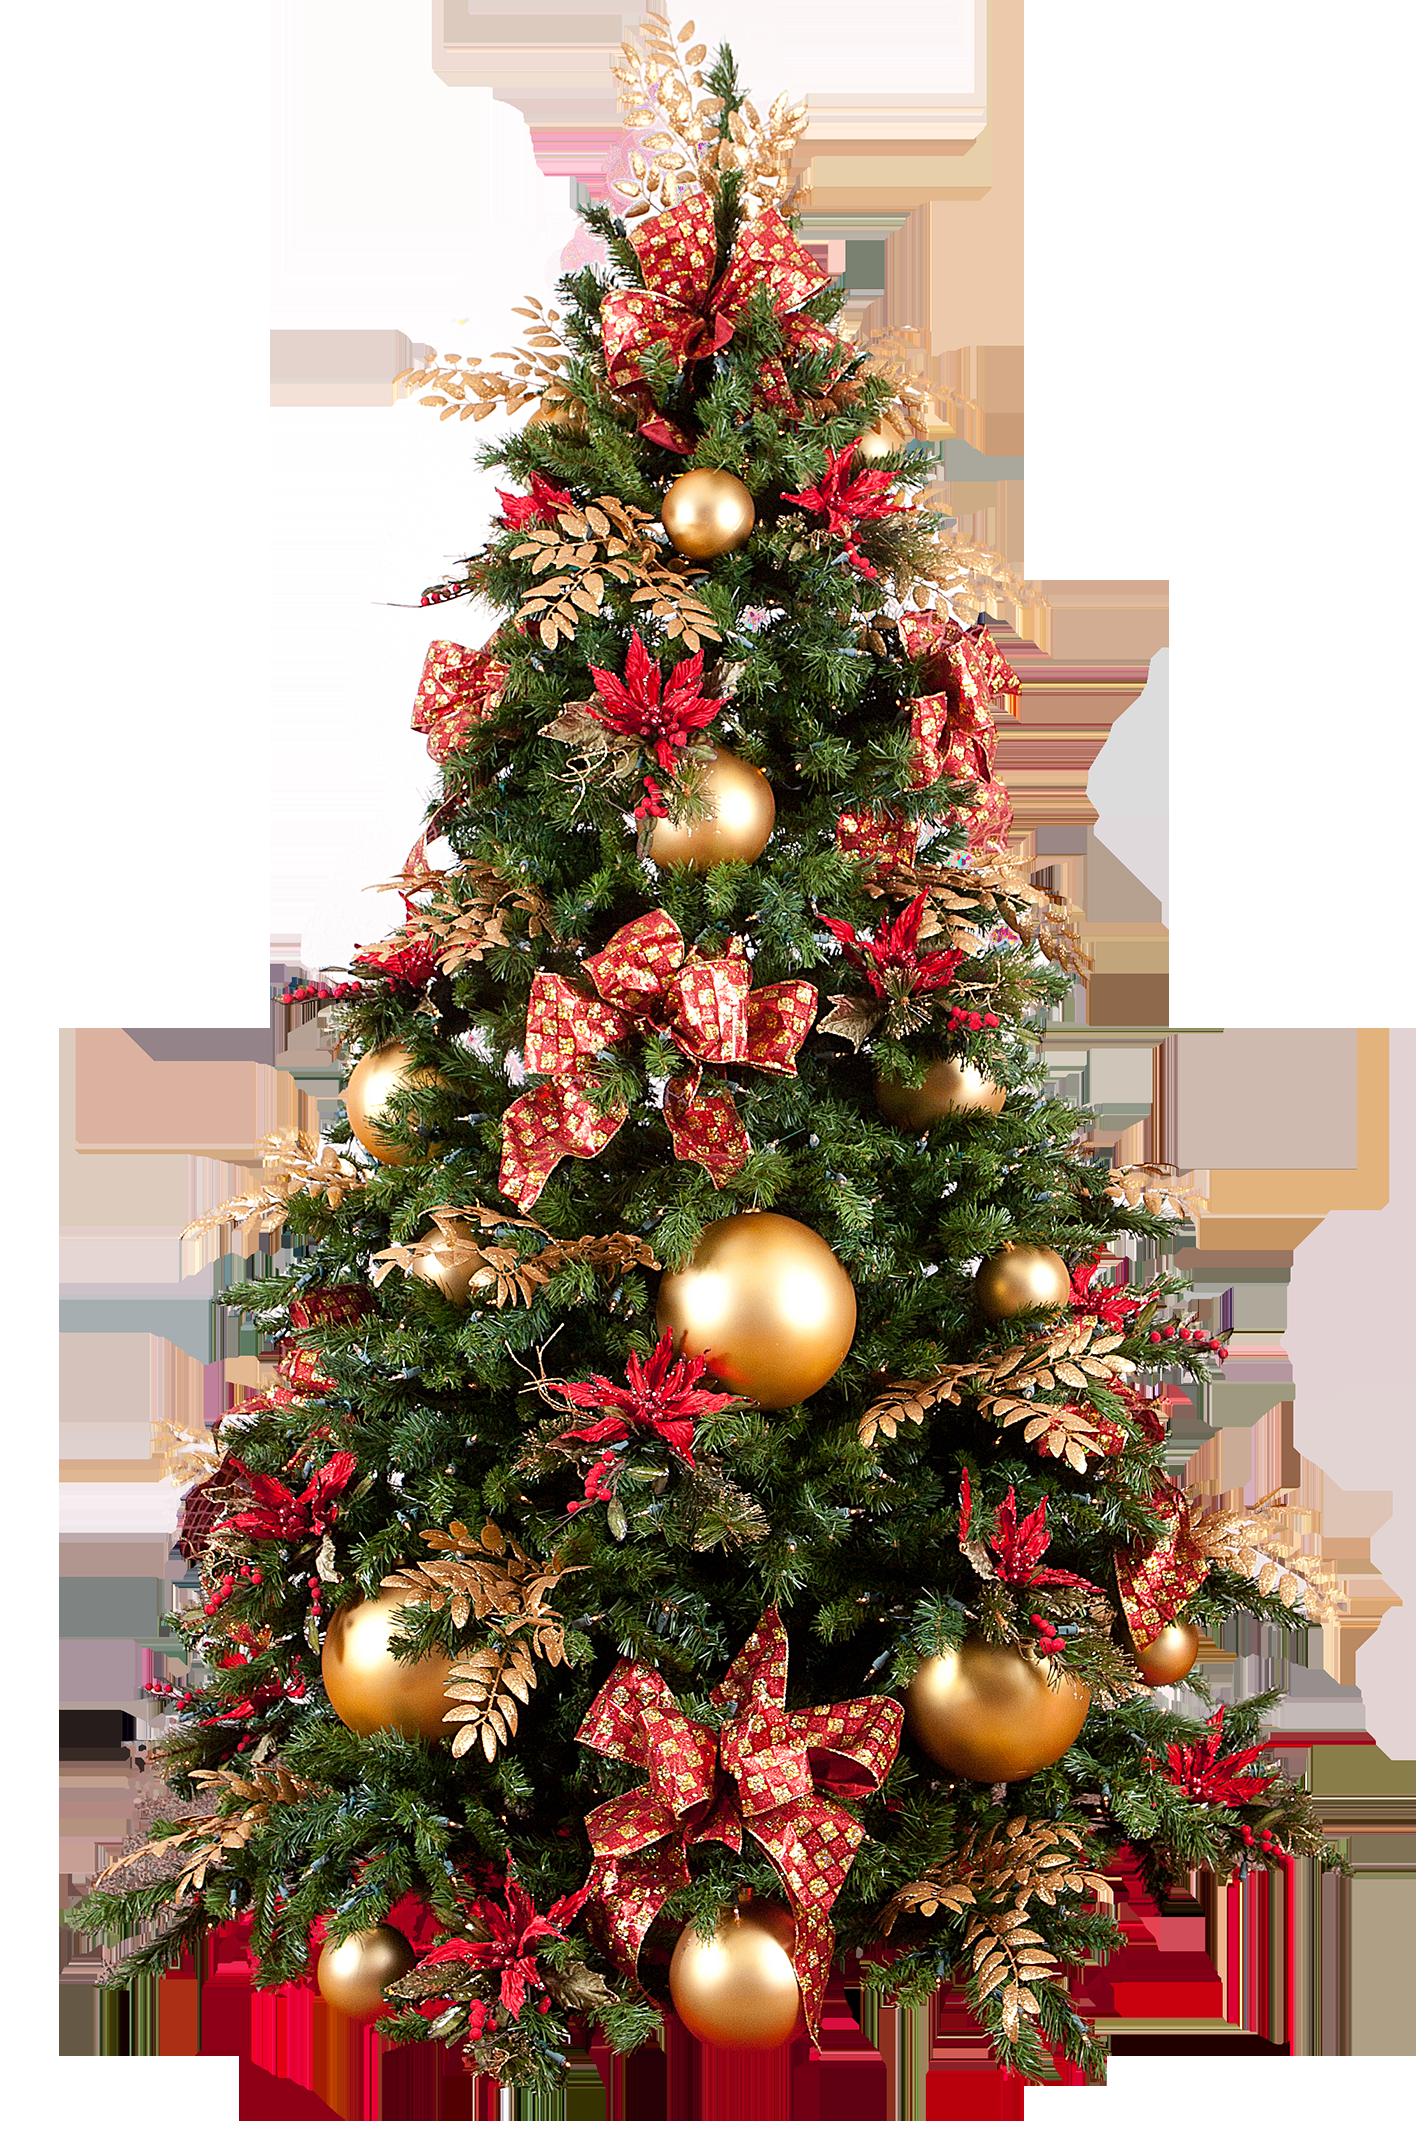 Colored Lights On Christmas Tree